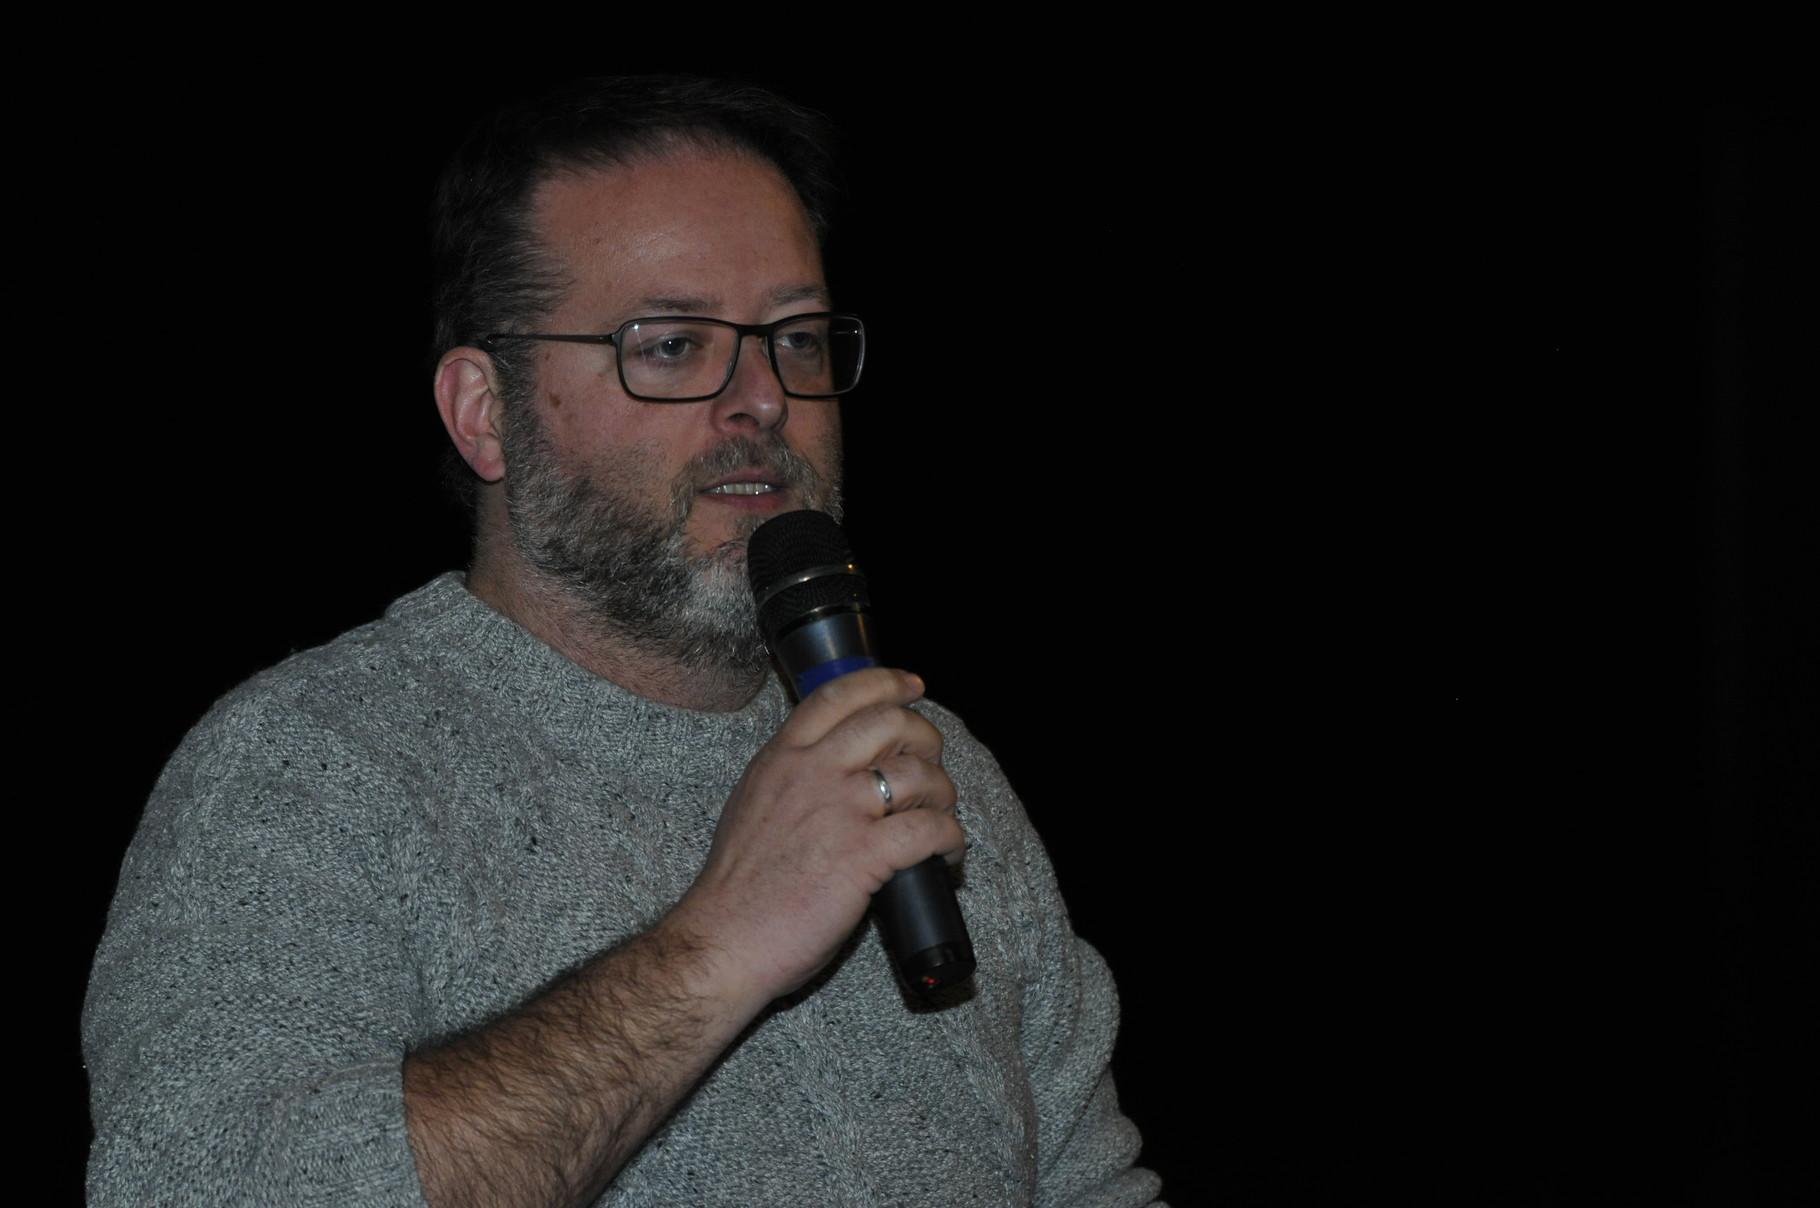 Serge Lemaitre, docteur en archéologie, conservateur des collections Amériques aux Musées royaux d'art et d'histoire de Bruxelles, membre de la mission archéologique belge à l'île de Pâques, débat avec le public du film Révélations sur l'île de Pâques